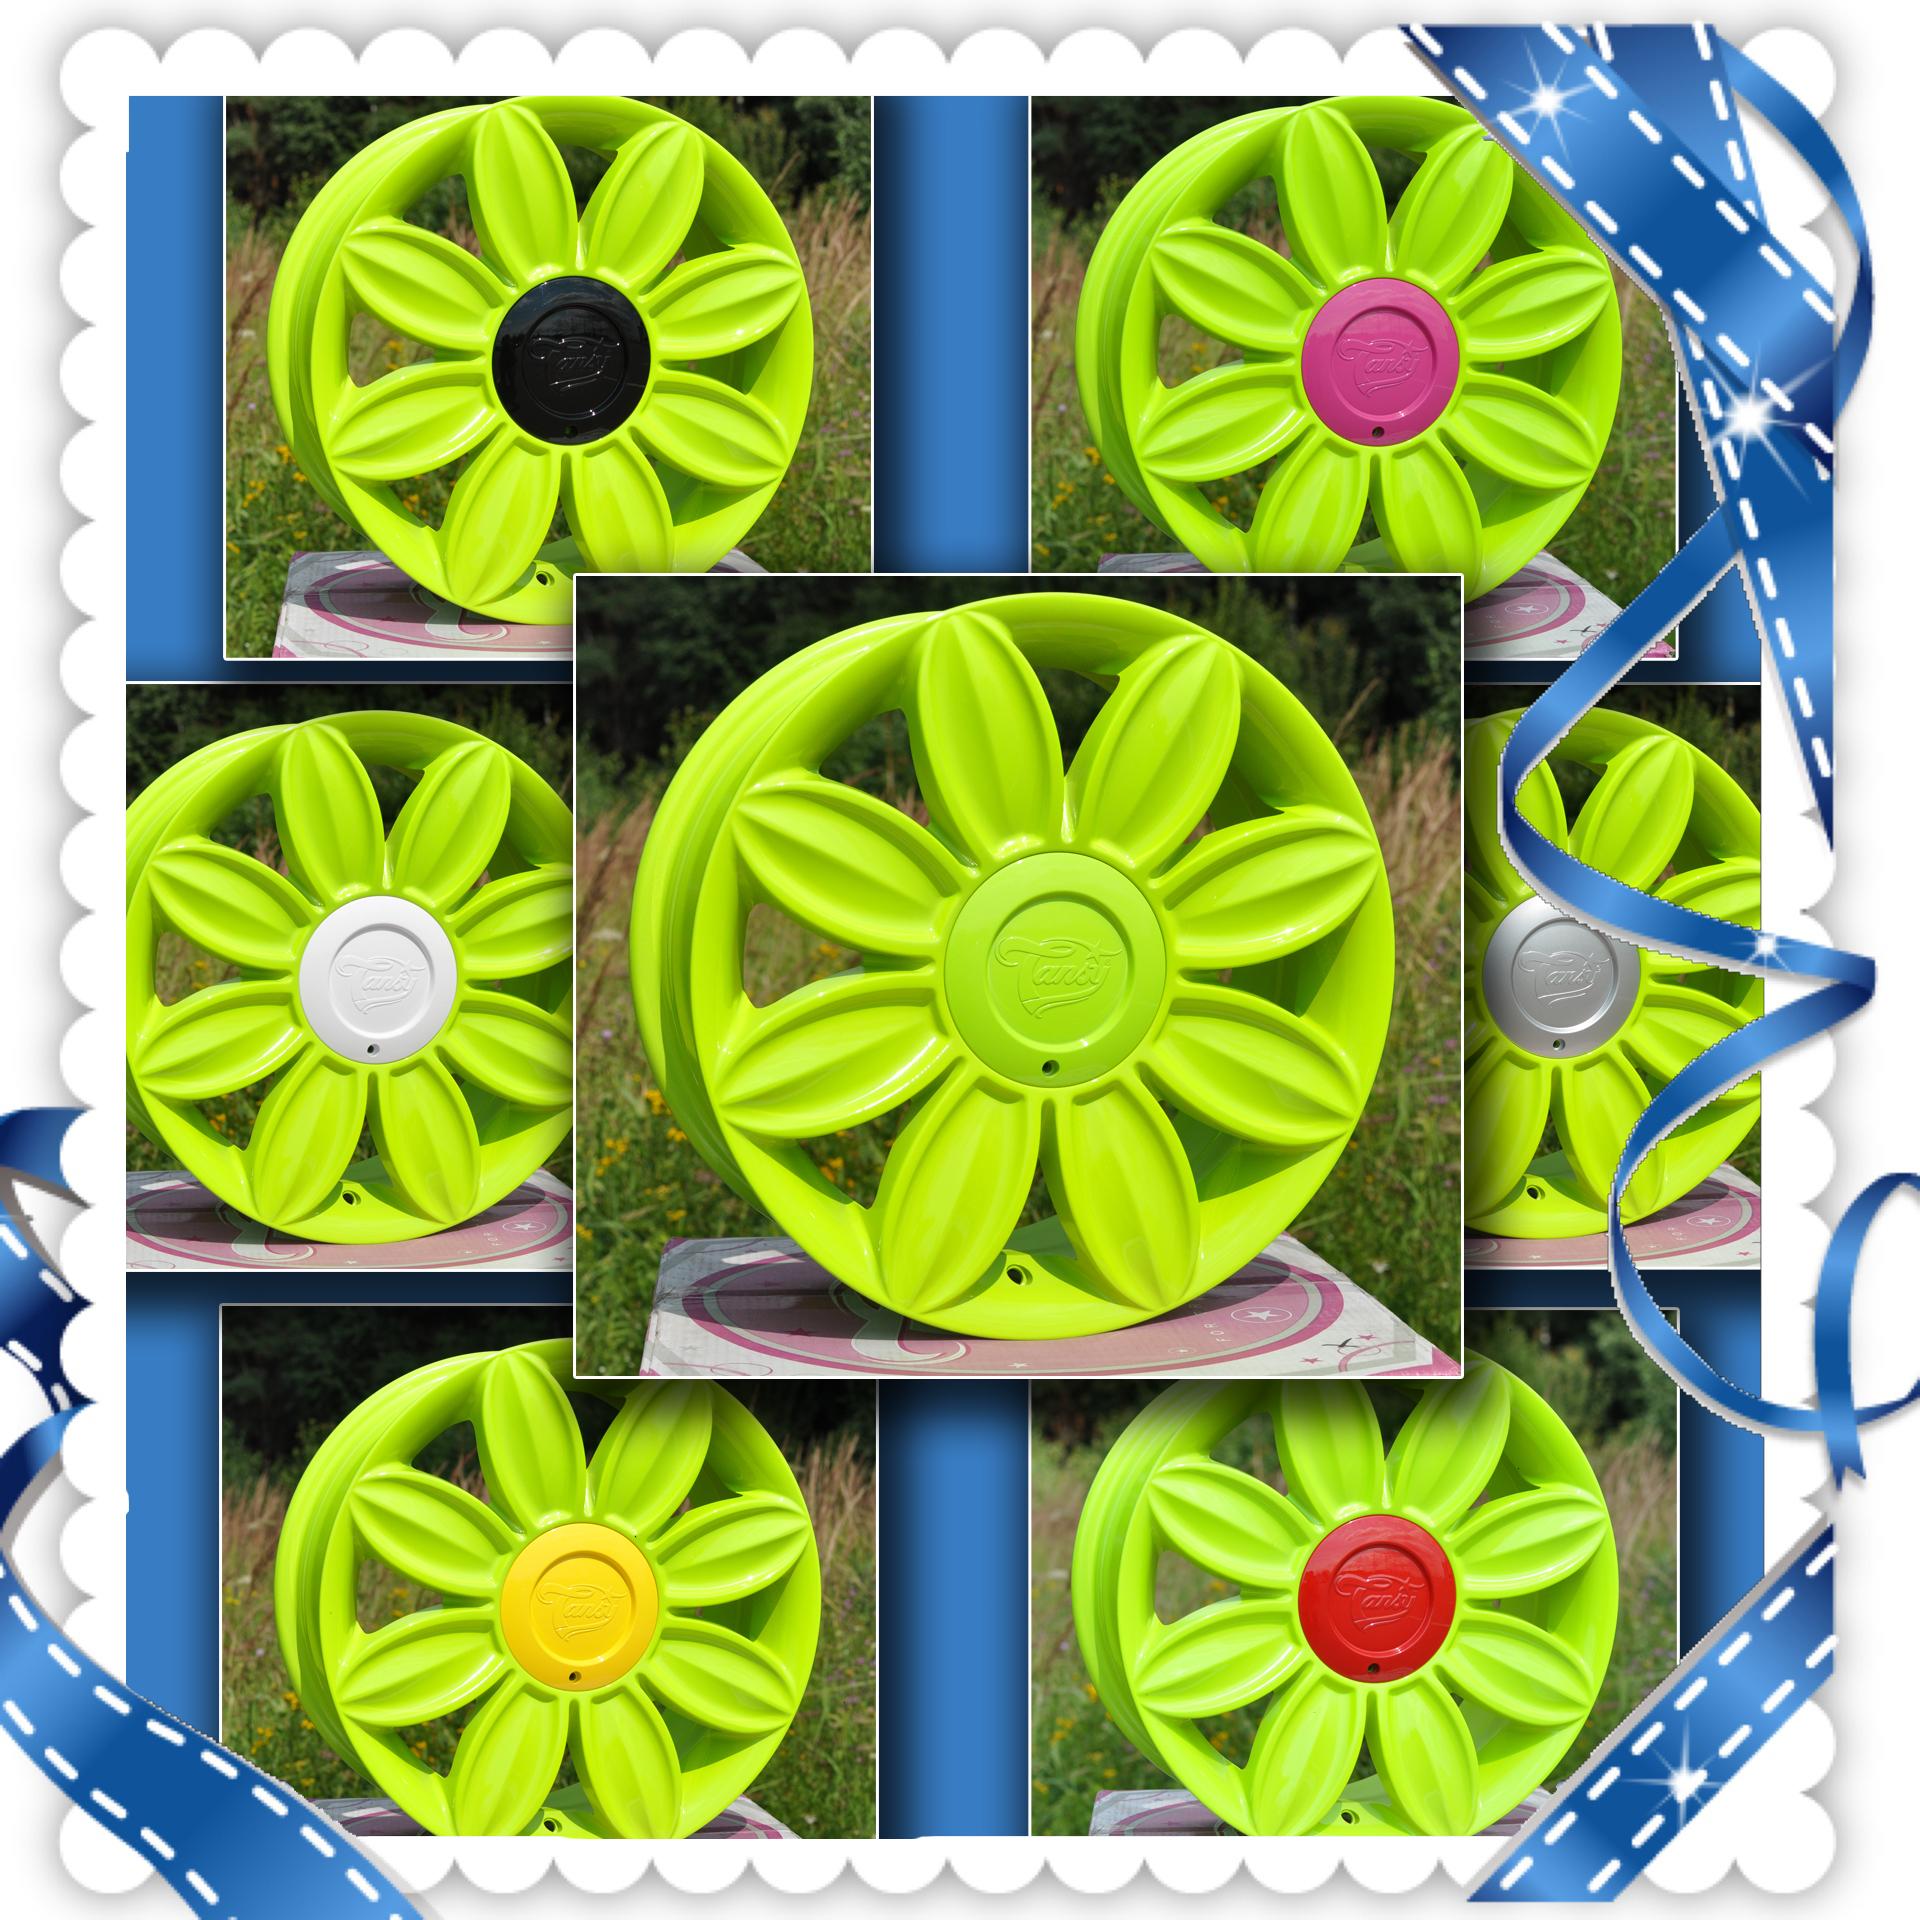 красивые диски; модные диски; кислотно зеленые диски на авто